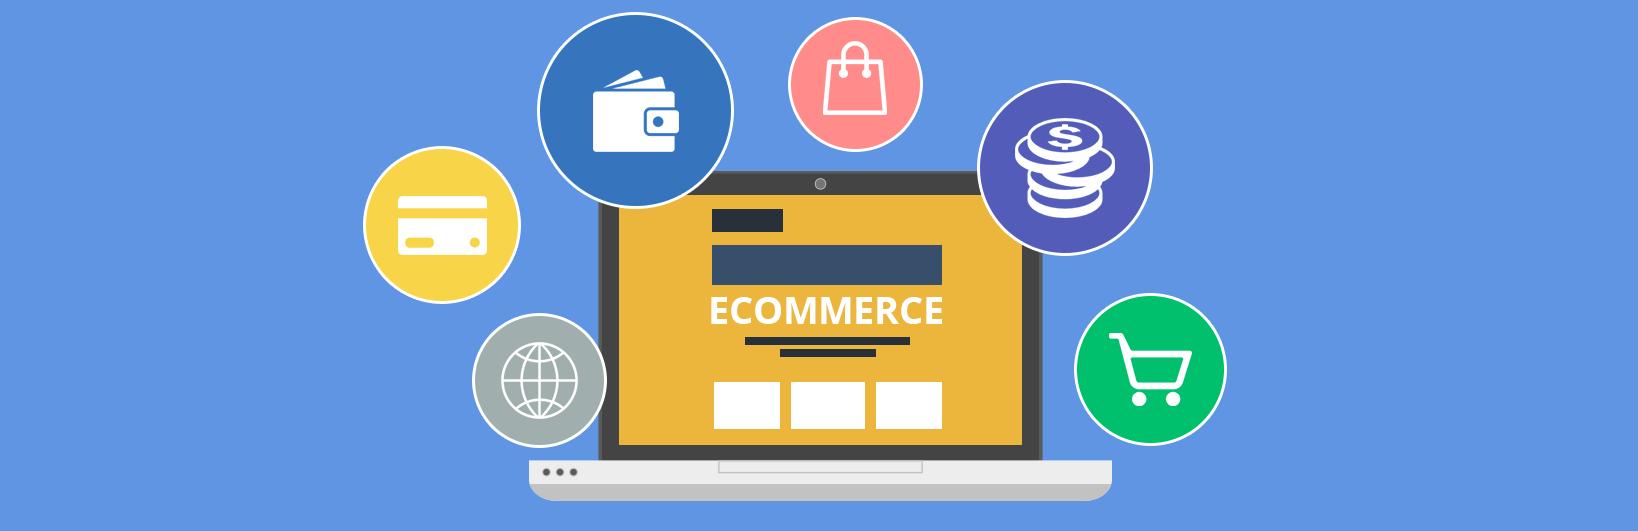 E-commerce: una herramienta práctica y necesaria